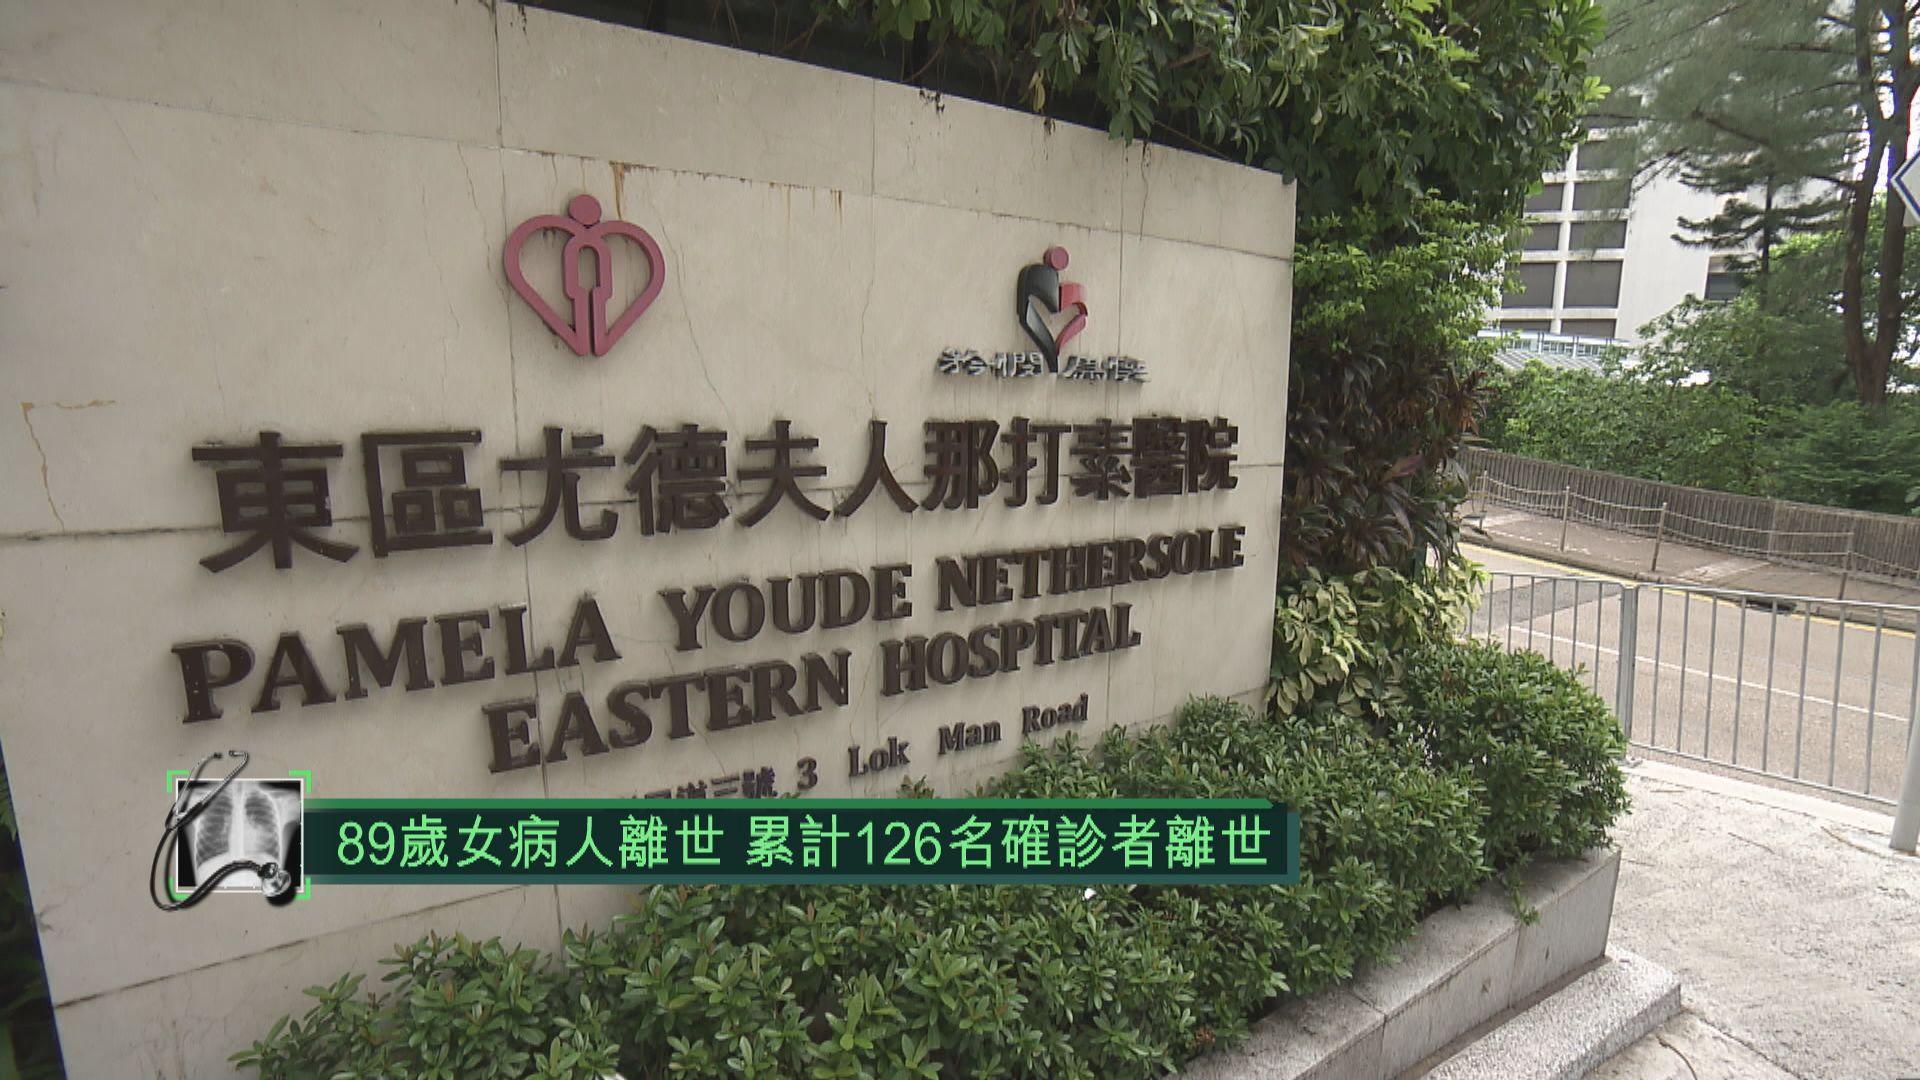 89歲女病人離世 累計126名確診者離世